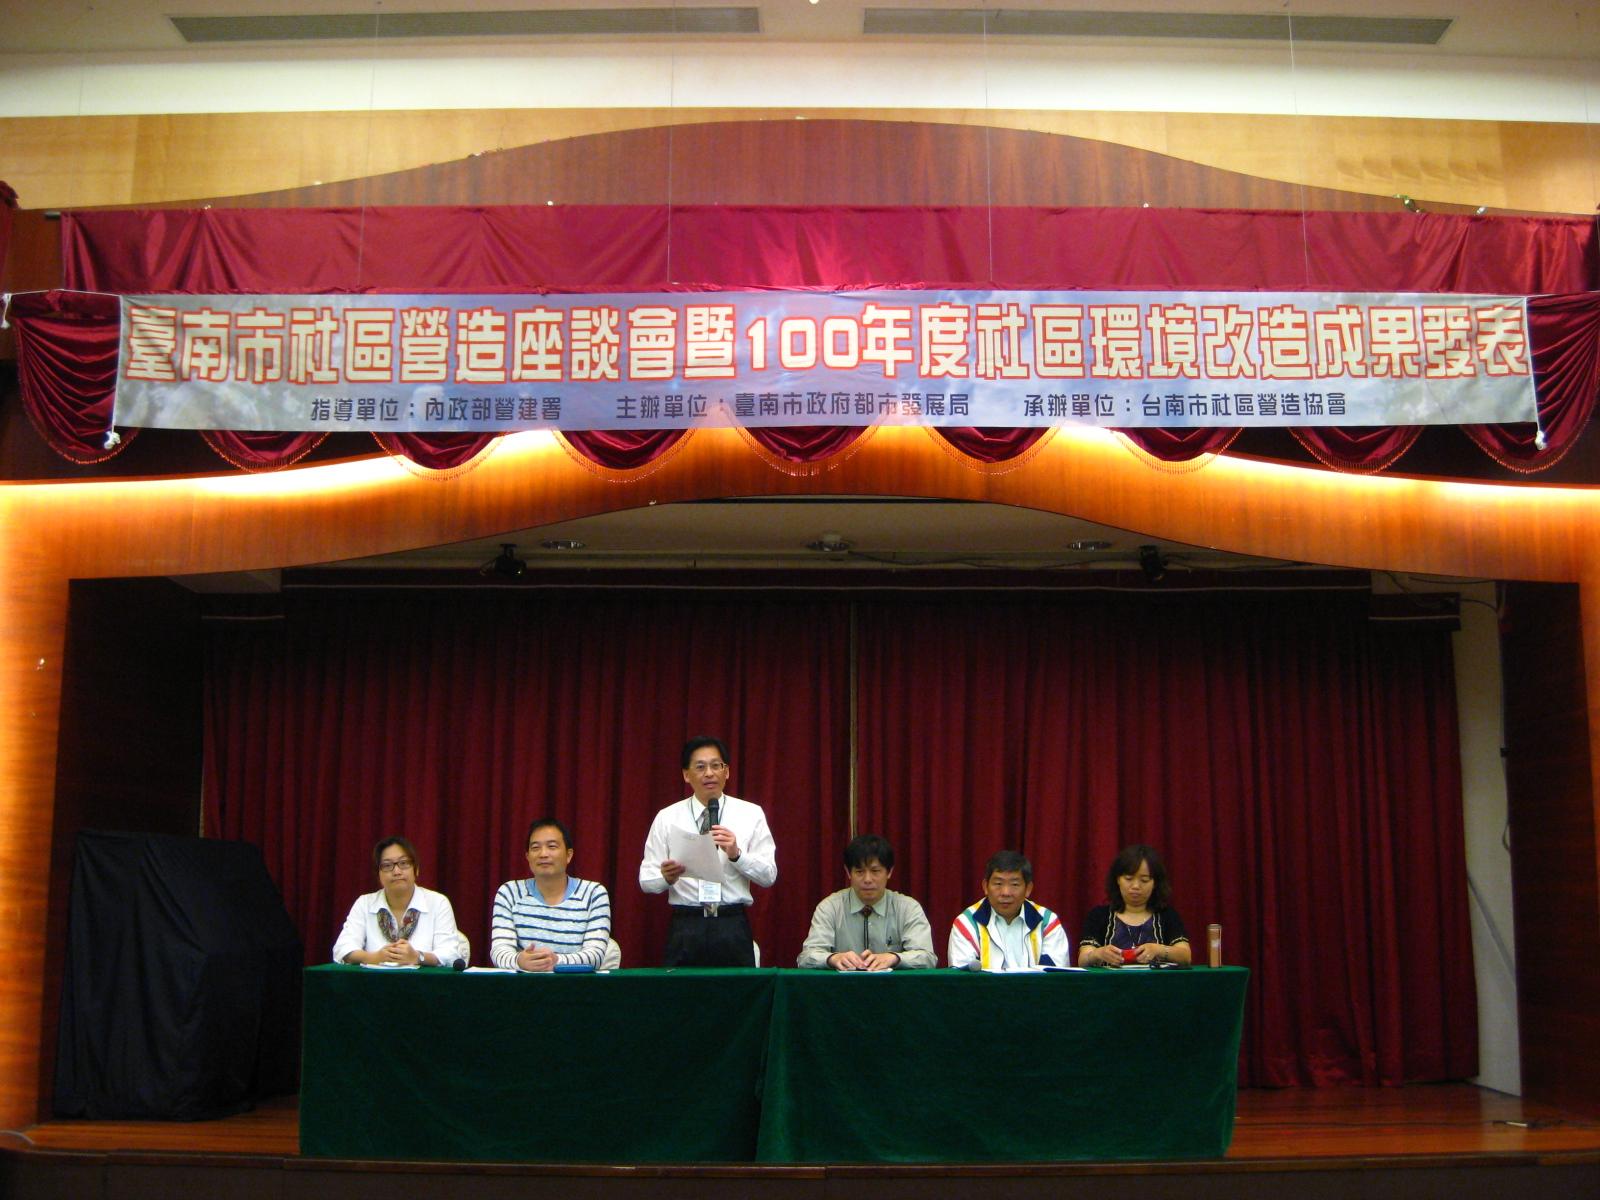 培力綠色社區,打造永續家園!臺南市社區營造座談會暨100年度社區環境改造成果發表會  2